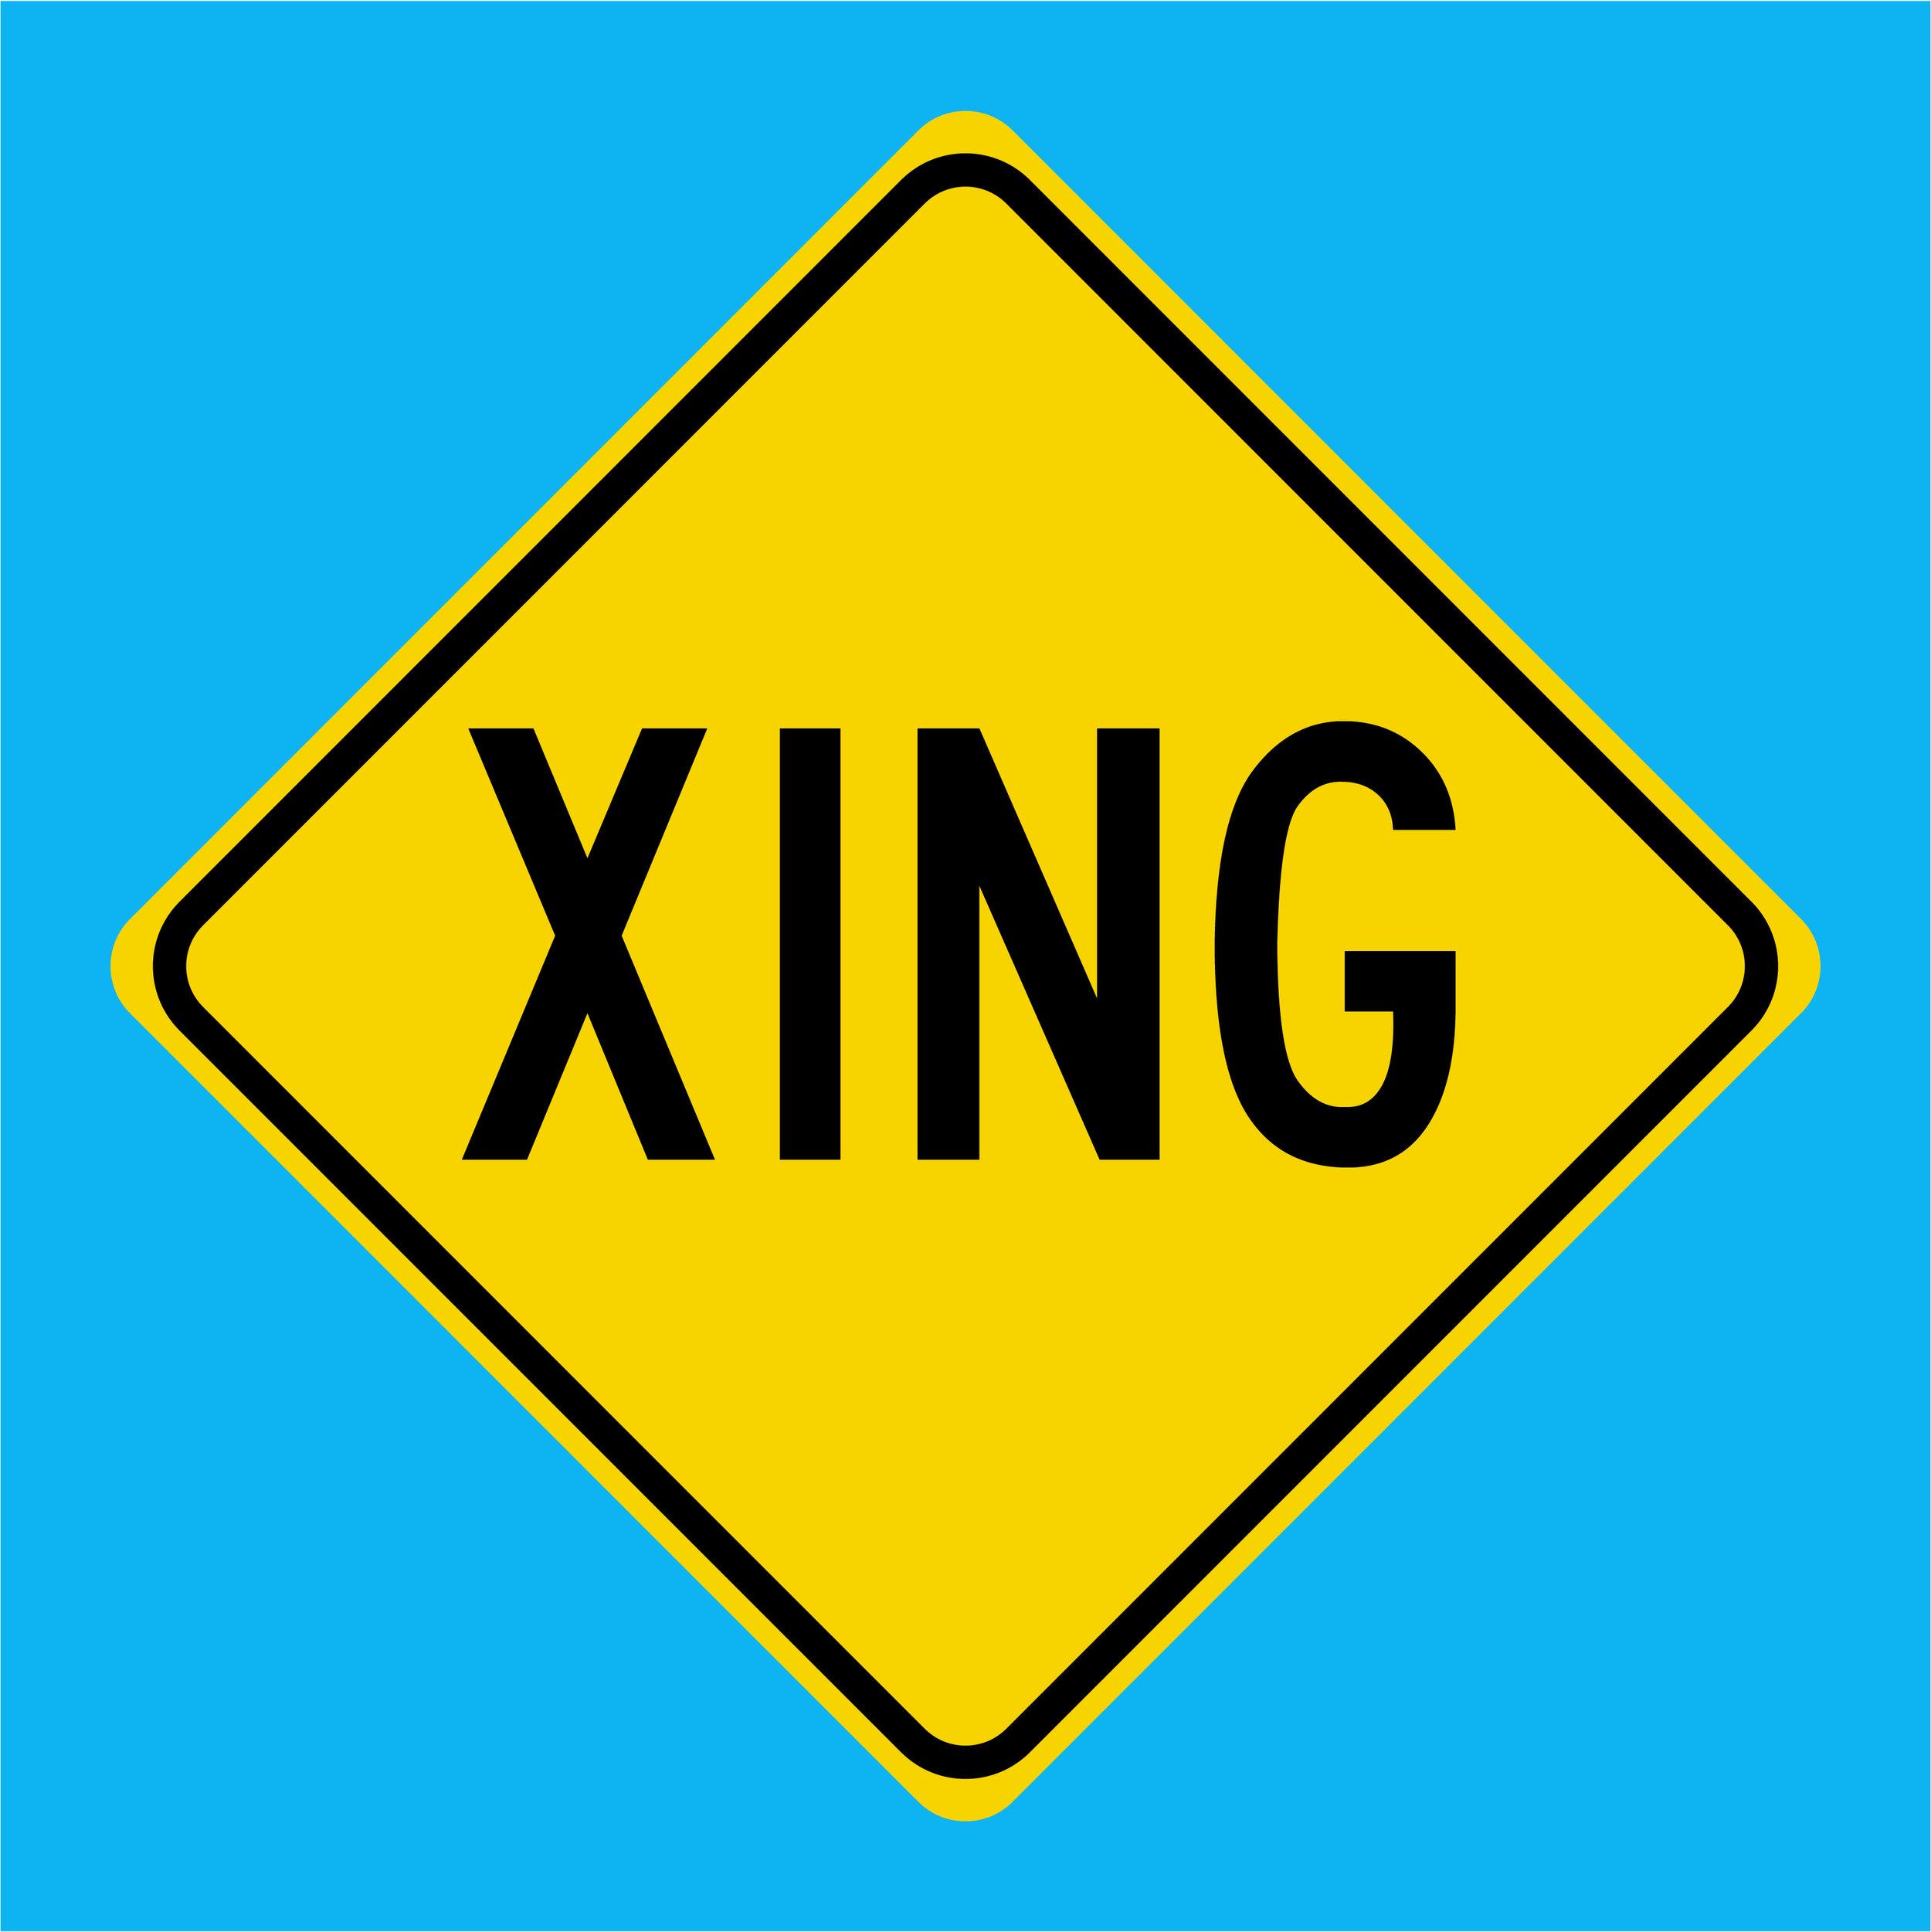 XING-2x.jpg